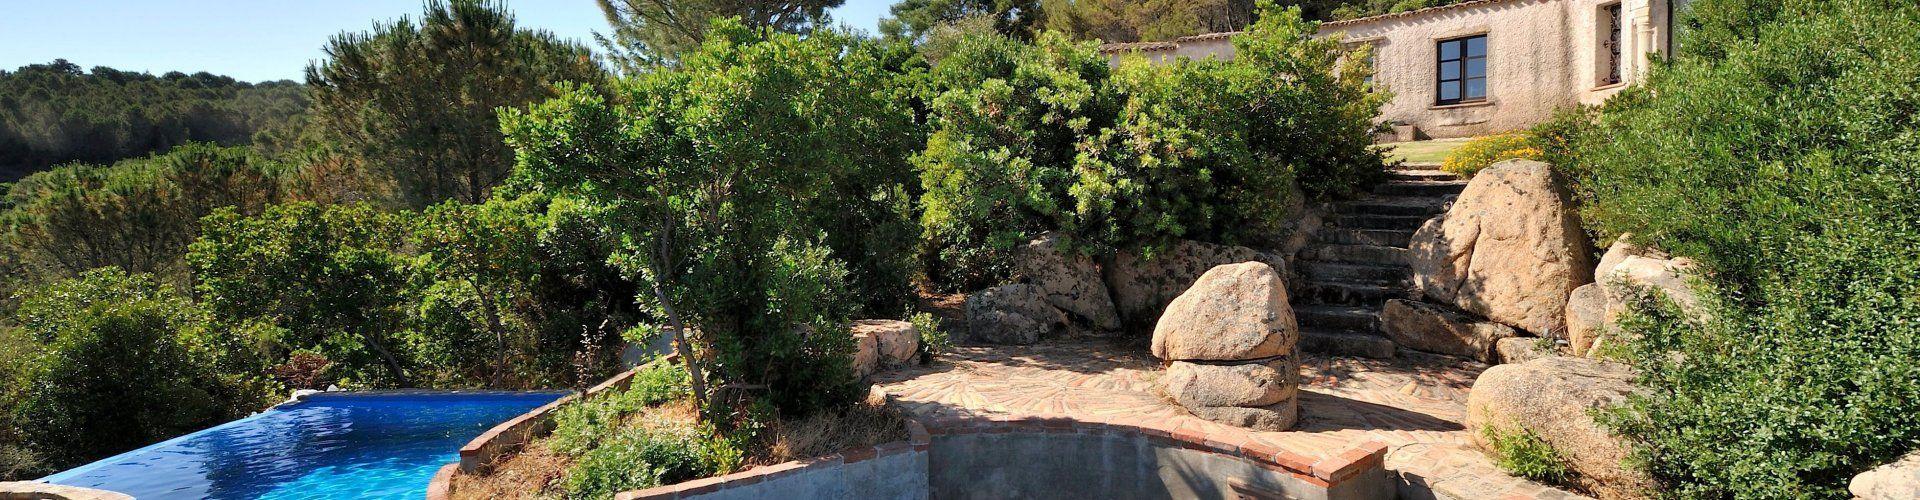 Pool und grüne Landschaft